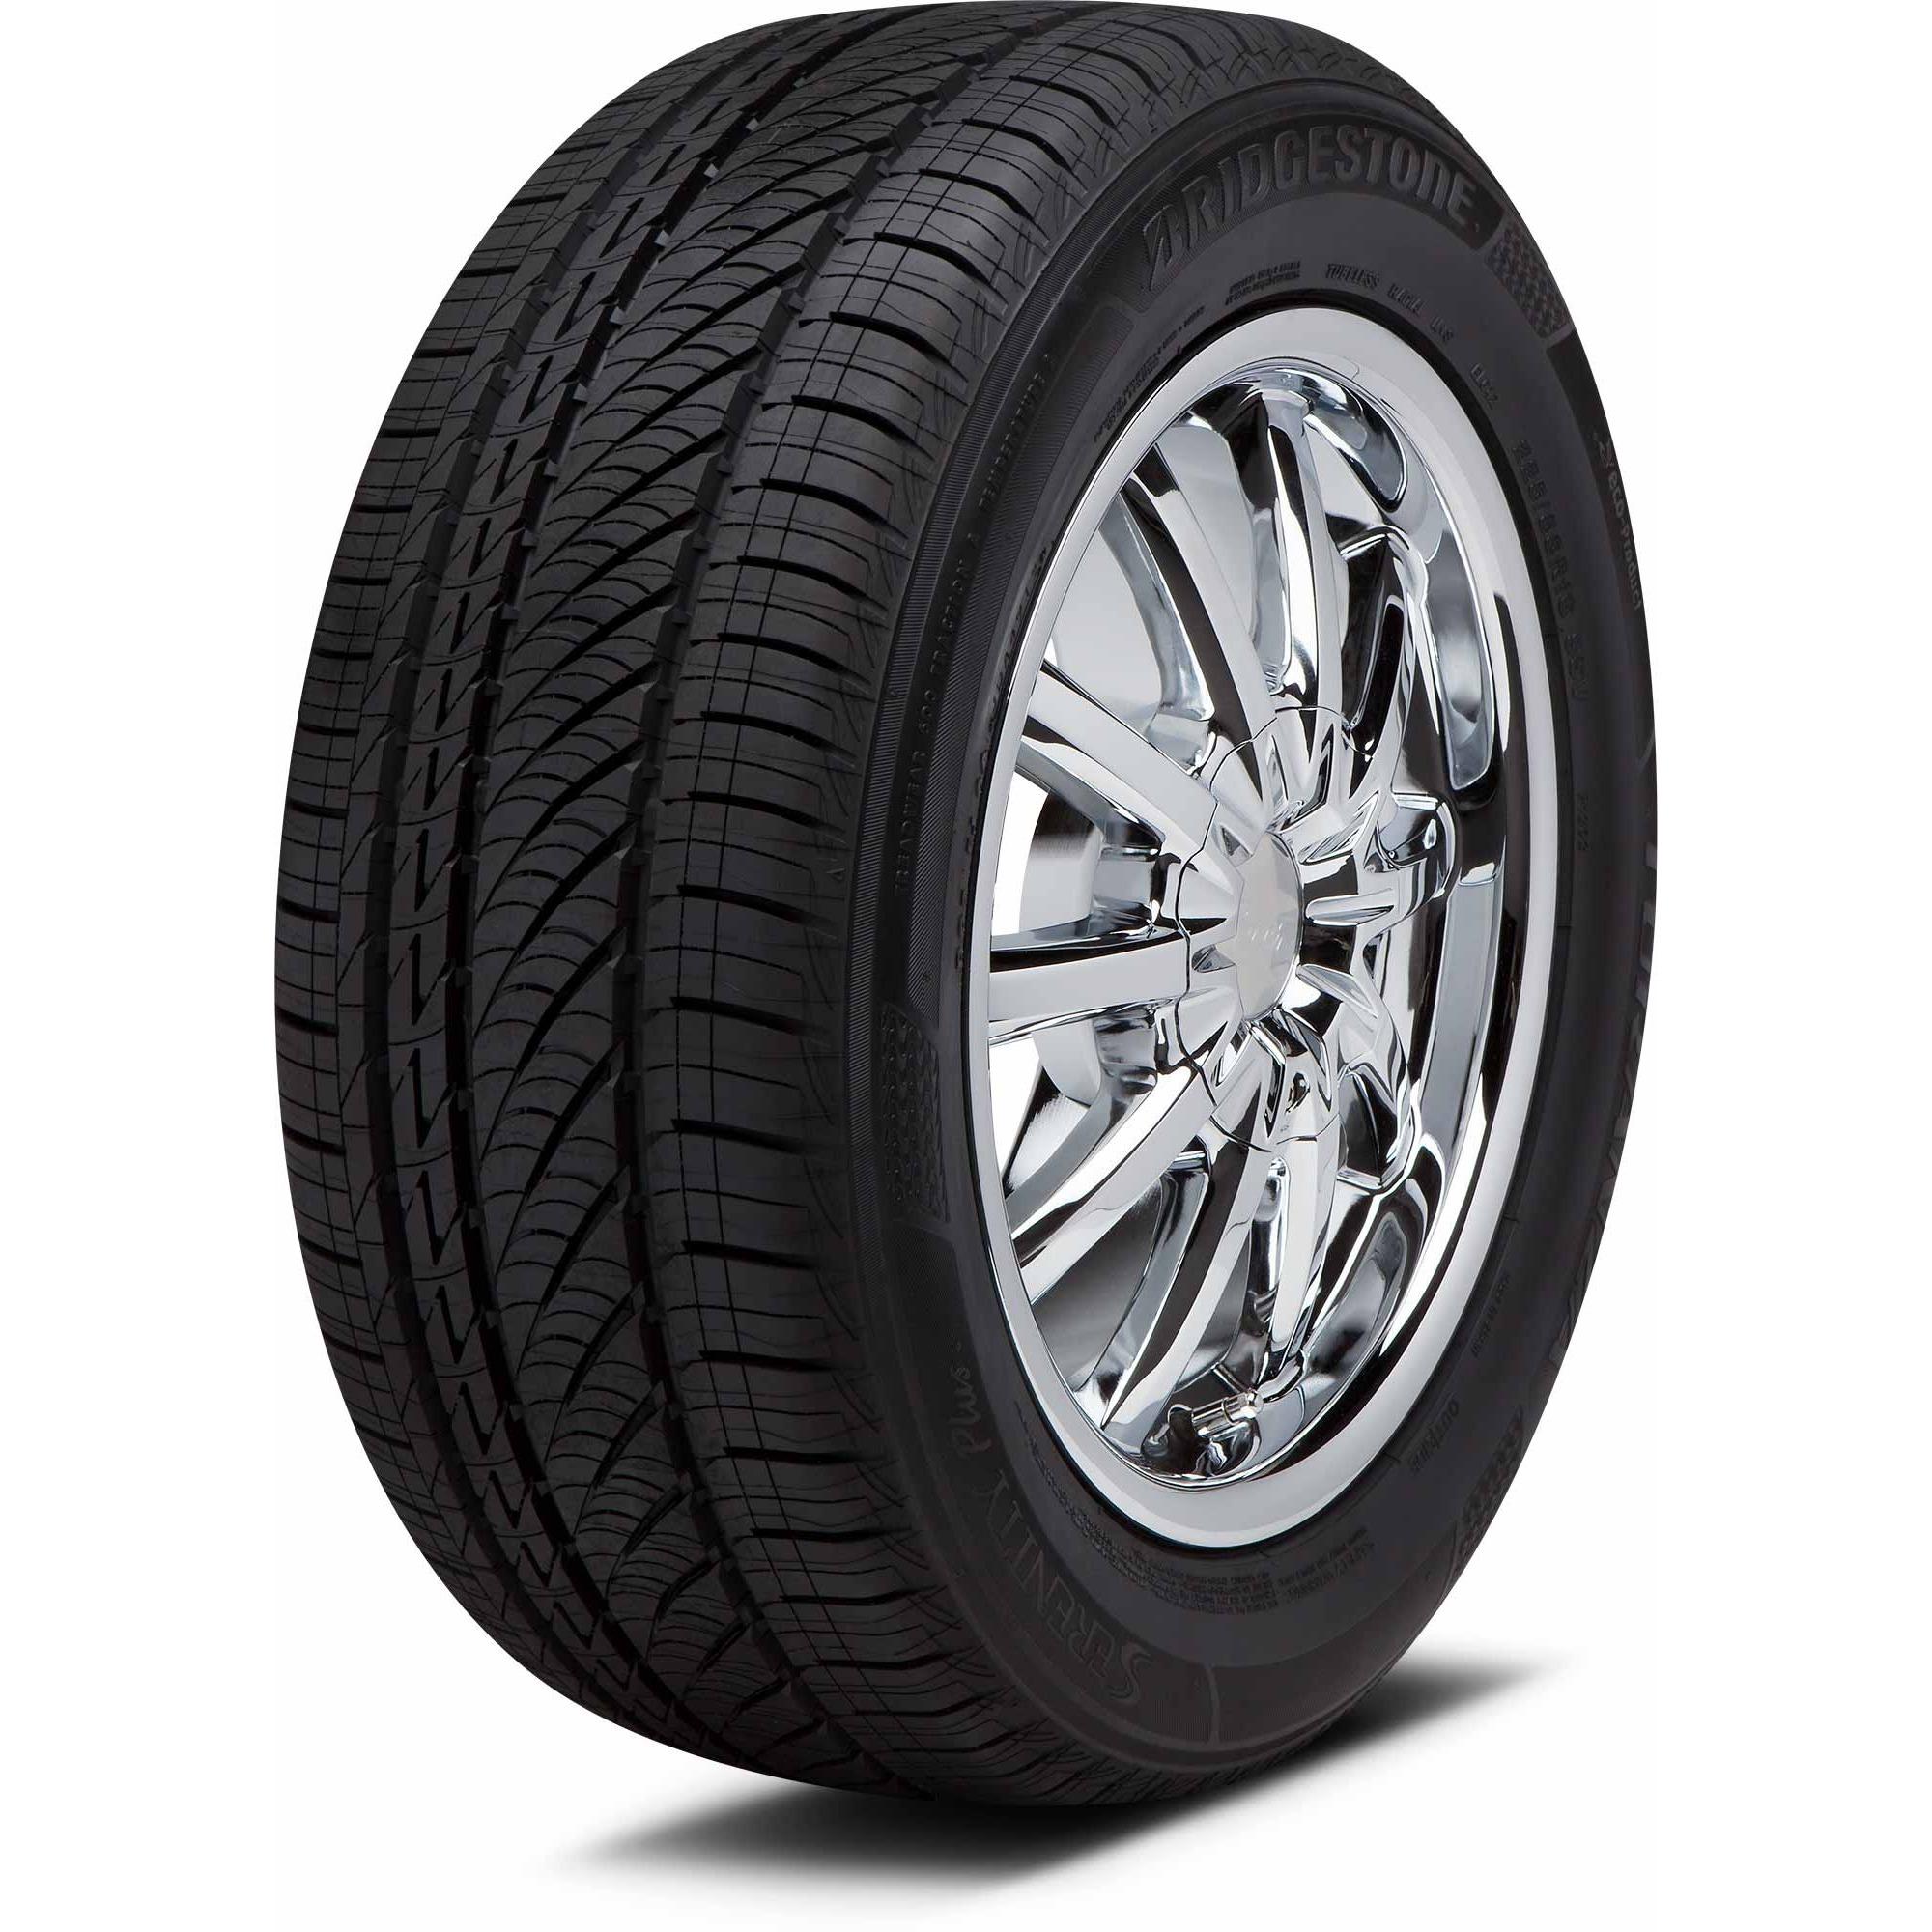 Best Tires For Toyota Prius: Bridgestone Turanza Serenity Plus